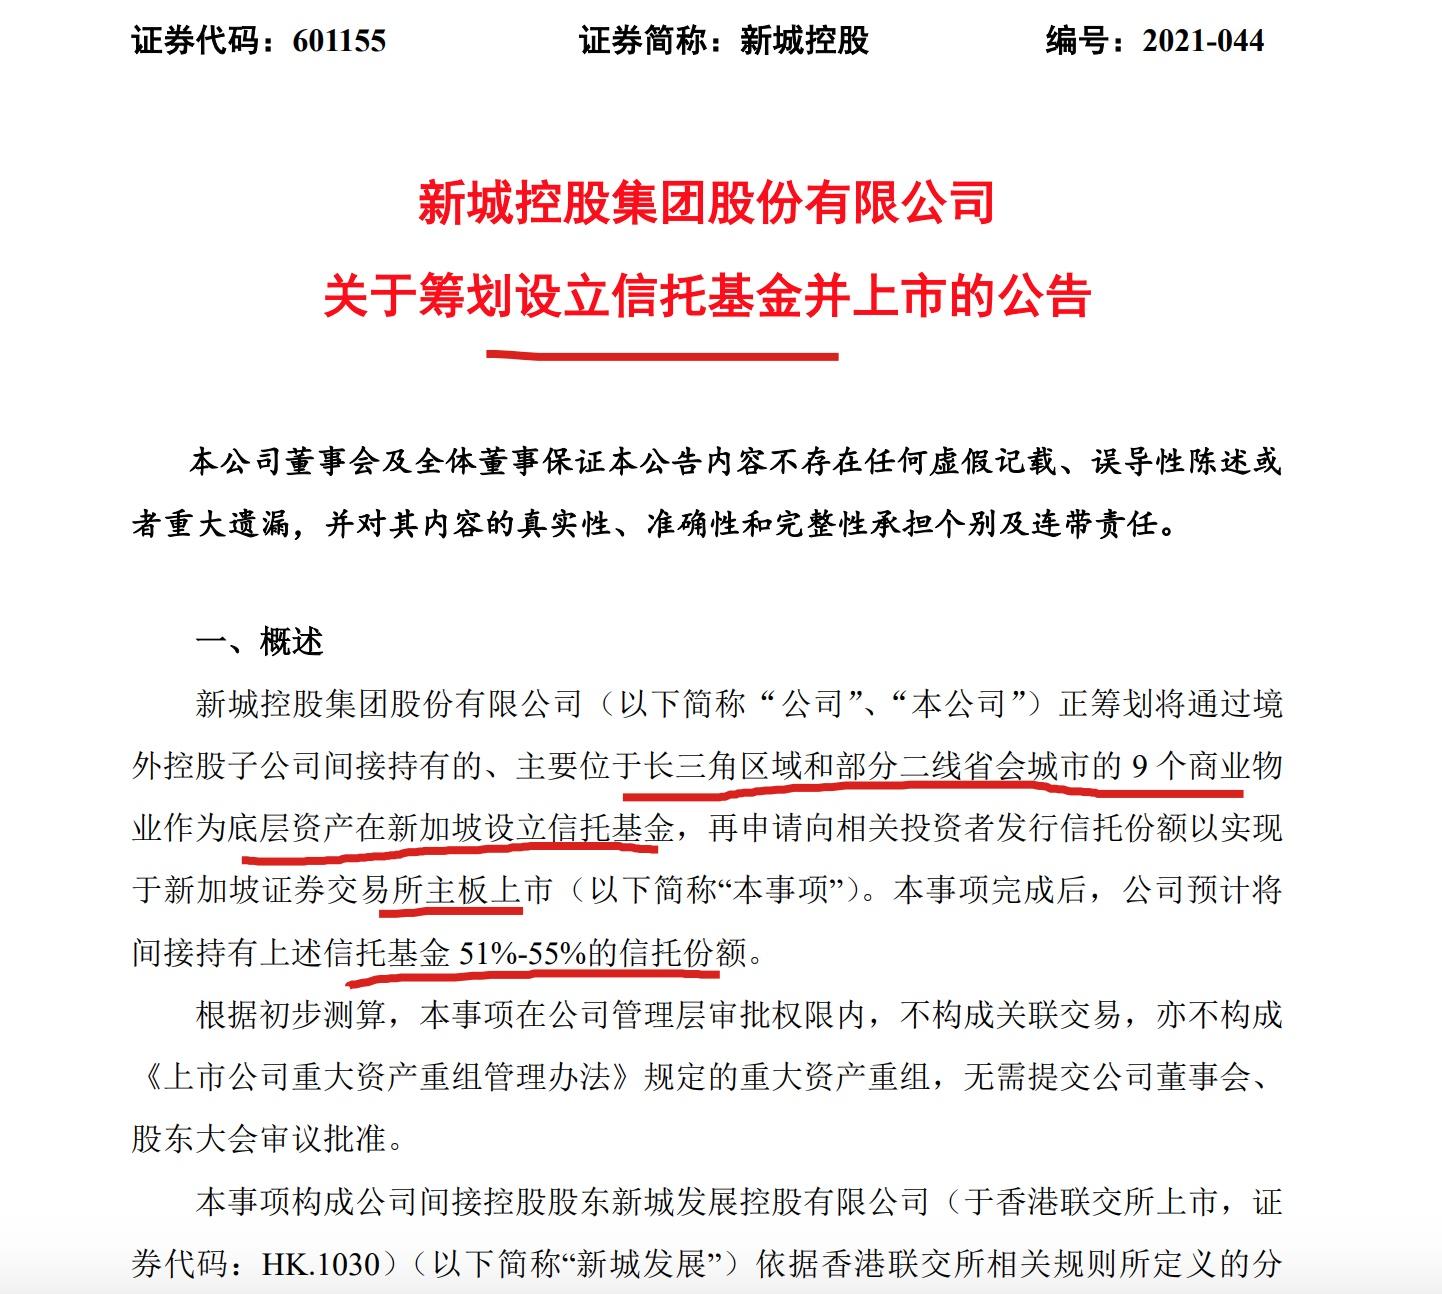 """新城控股""""急于融资"""":拟拆分9个商业项目在新加坡上市 预期控股超51%"""